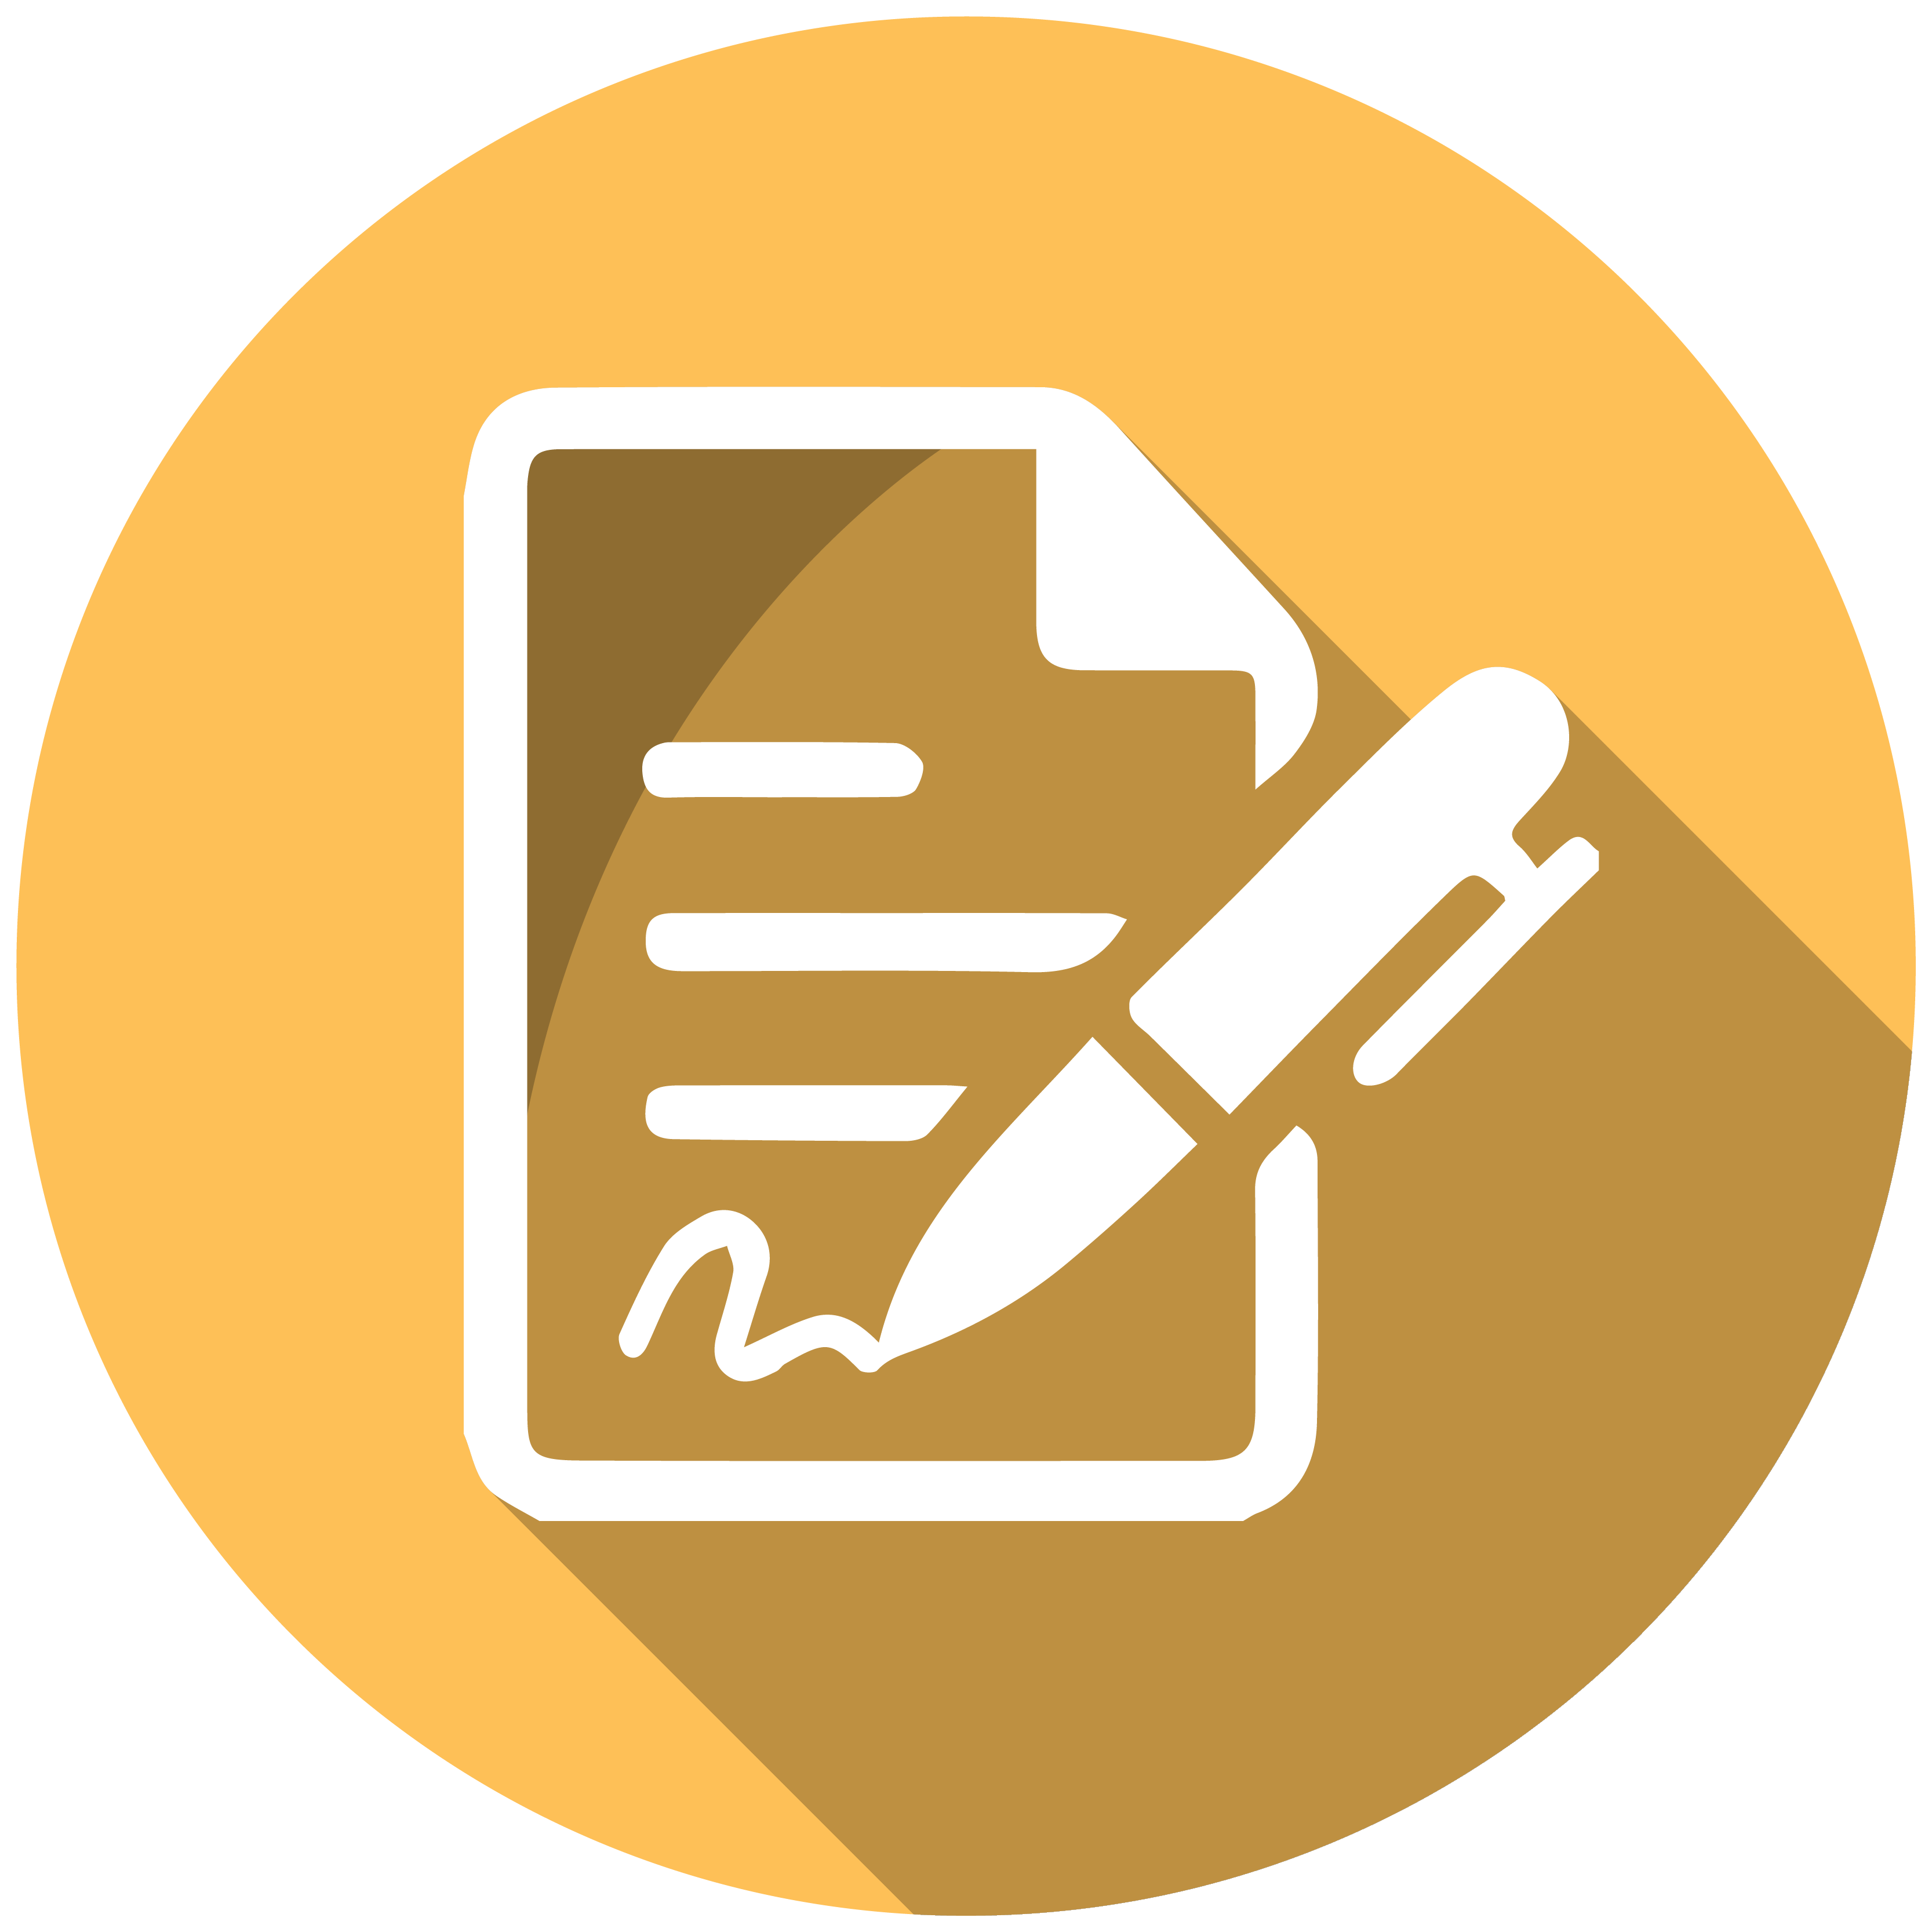 برترین پکیج استفاده از کارت امتیازدهی متوازن در ارزیابی عملکرد منابع انسانی - دانلود فایل